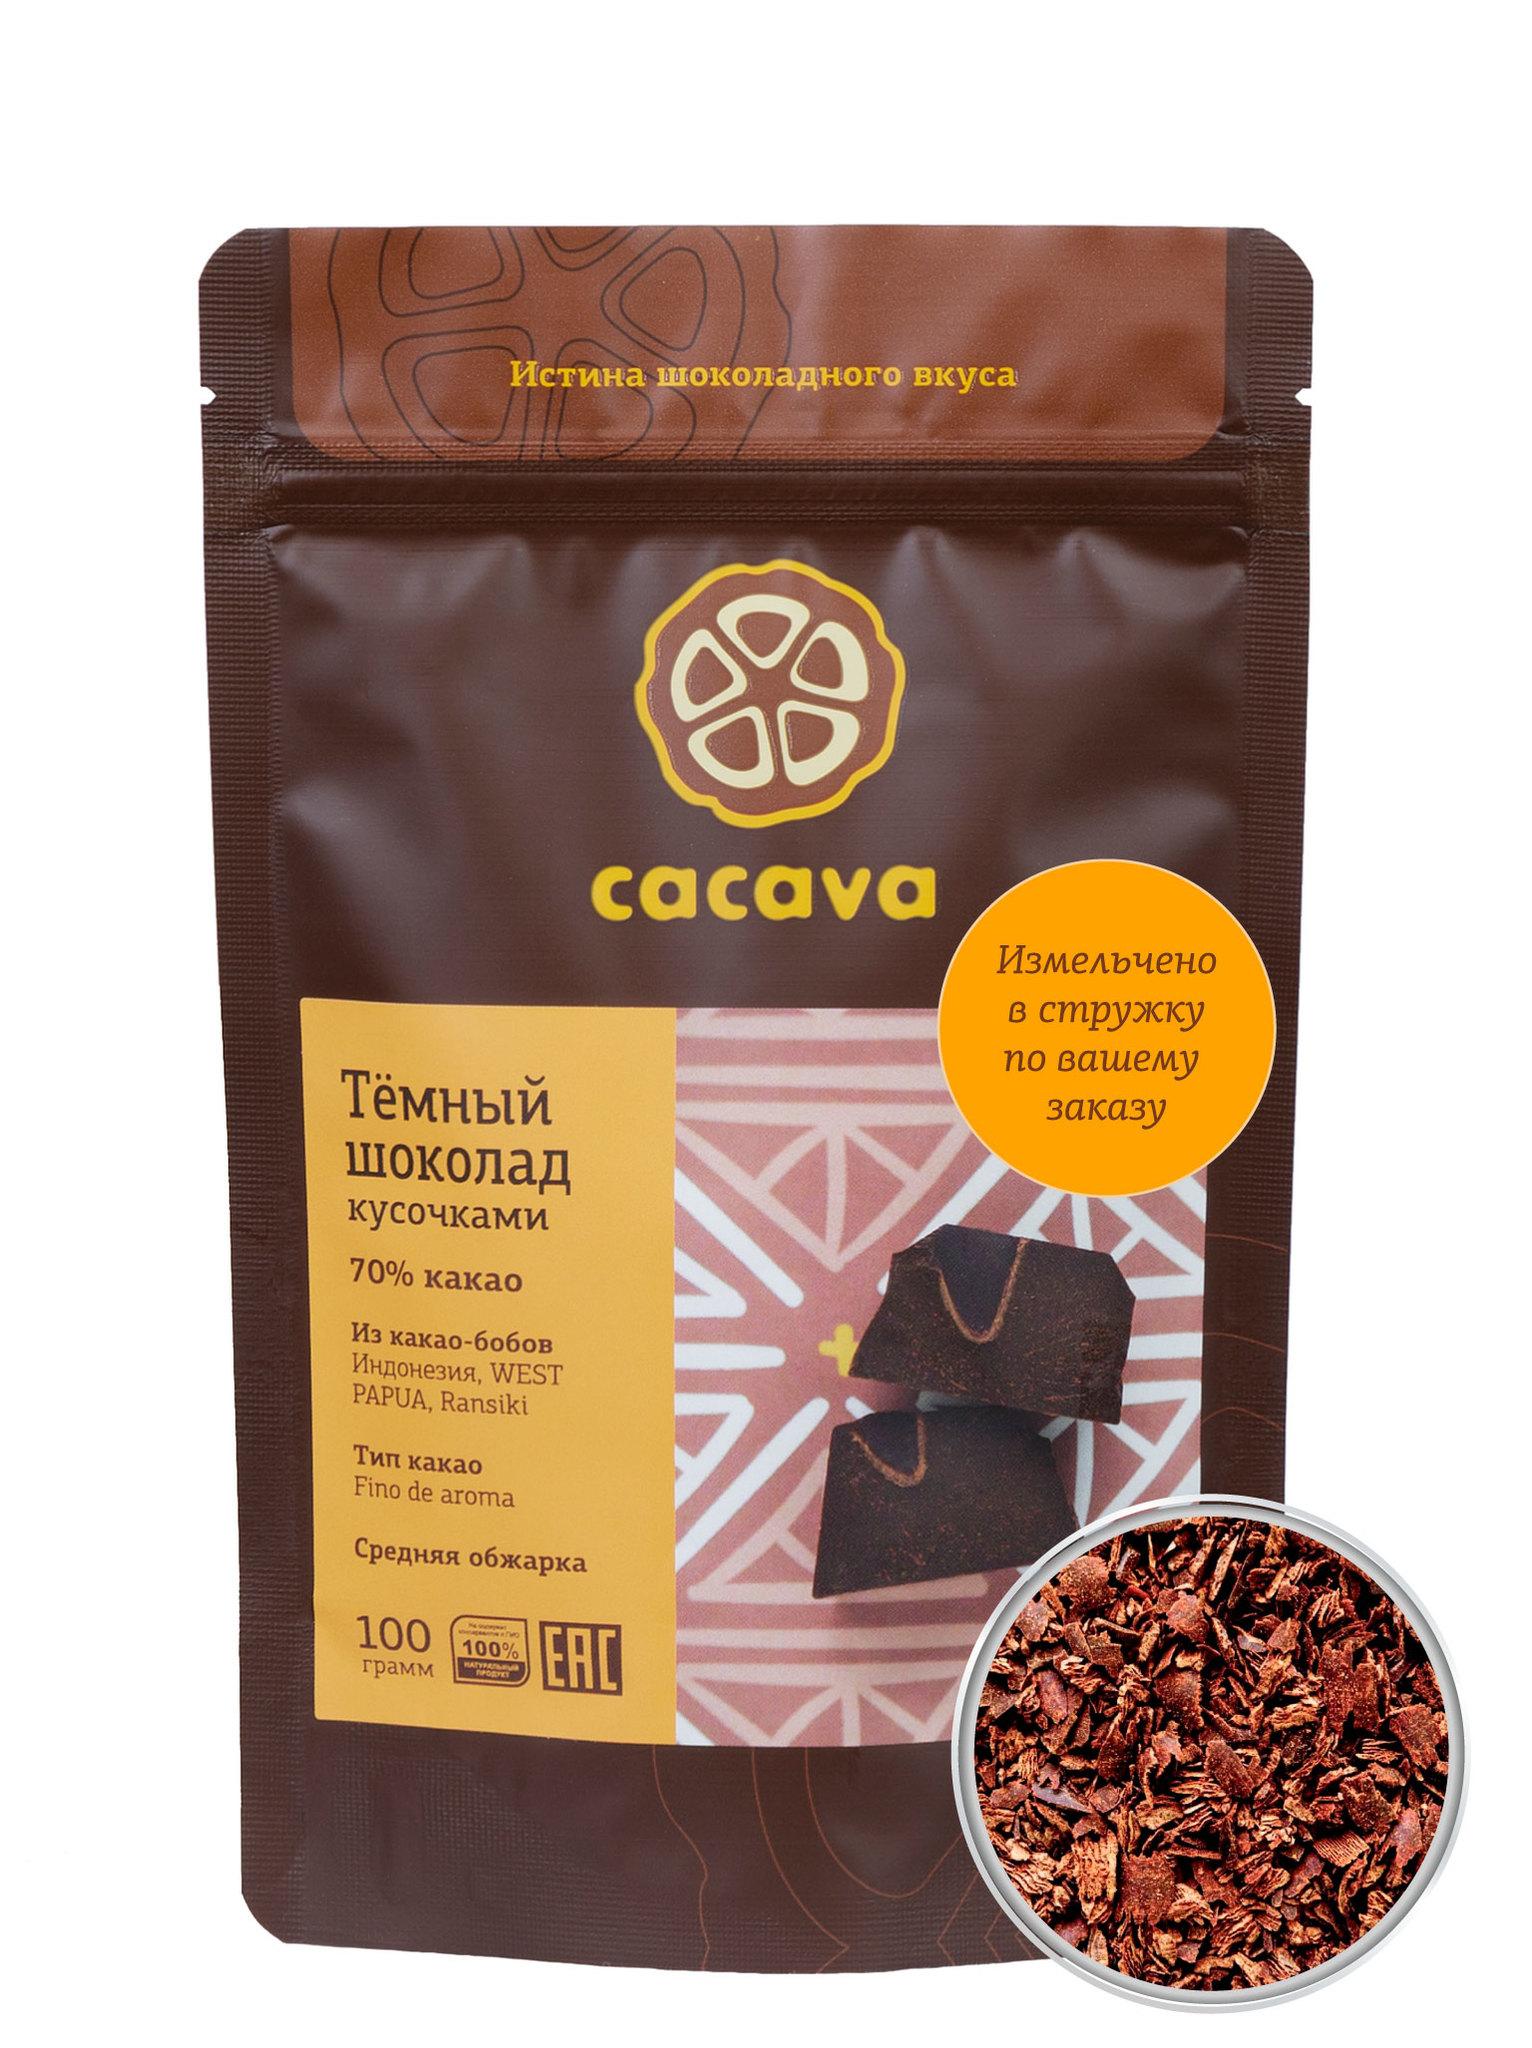 Тёмный шоколад 70 % какао в стружке (Индонезия, WEST PAPUA, Ransiki), упаковка 100 грамм